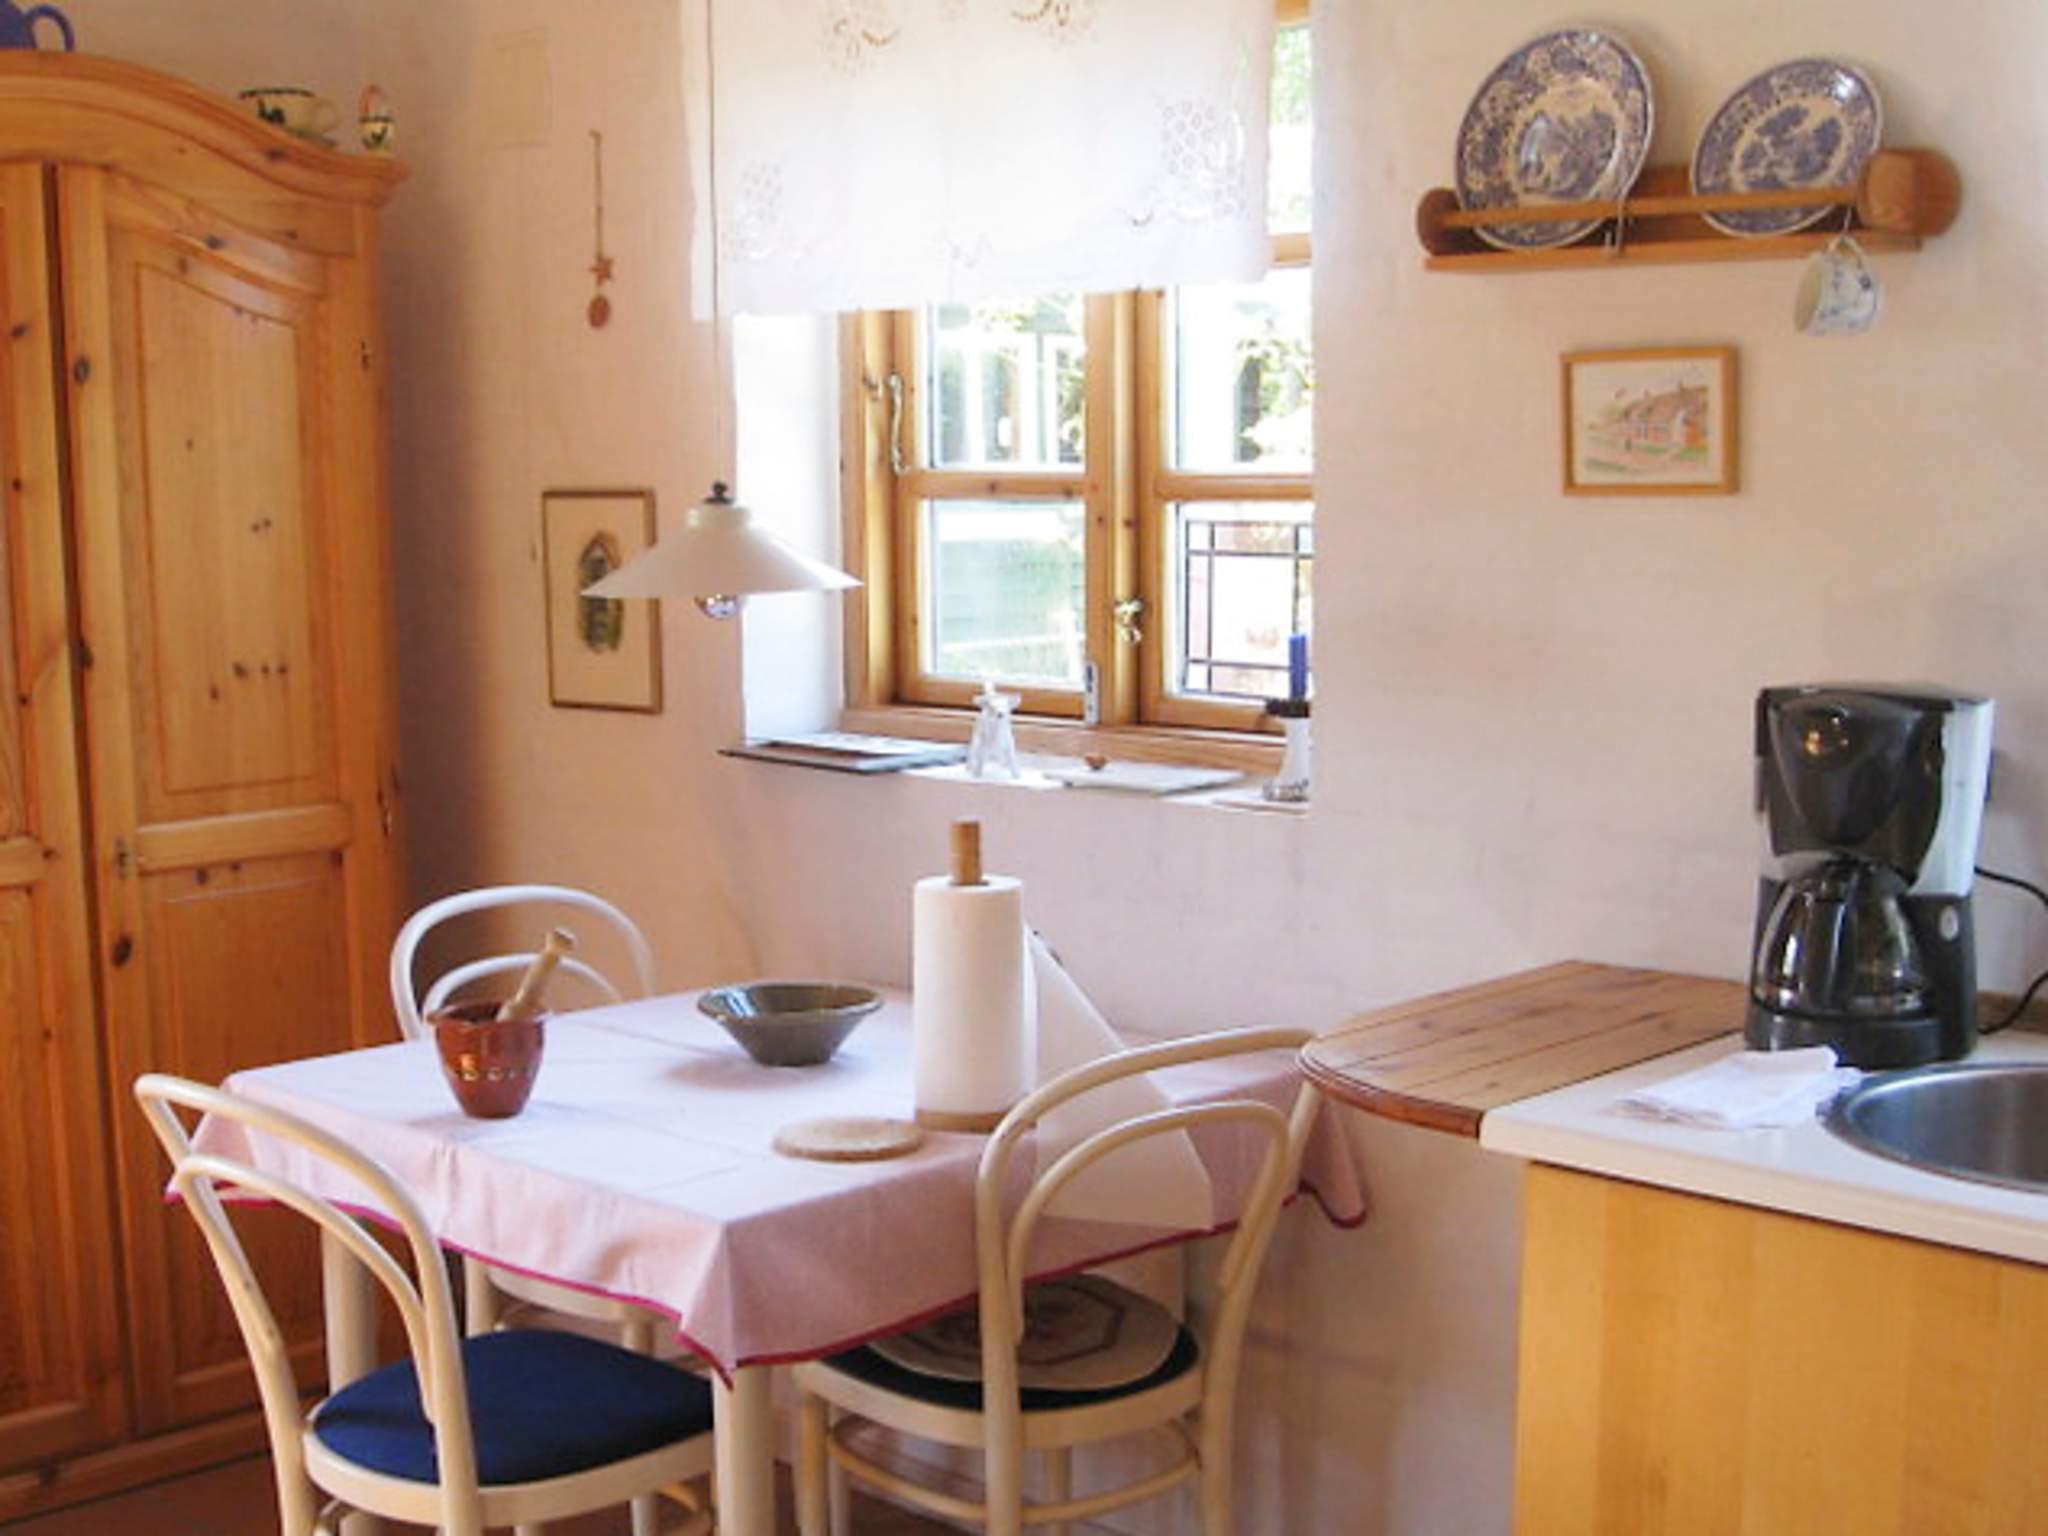 Ferienhaus St. Darum (306951), Bramming, , Südjütland, Dänemark, Bild 5